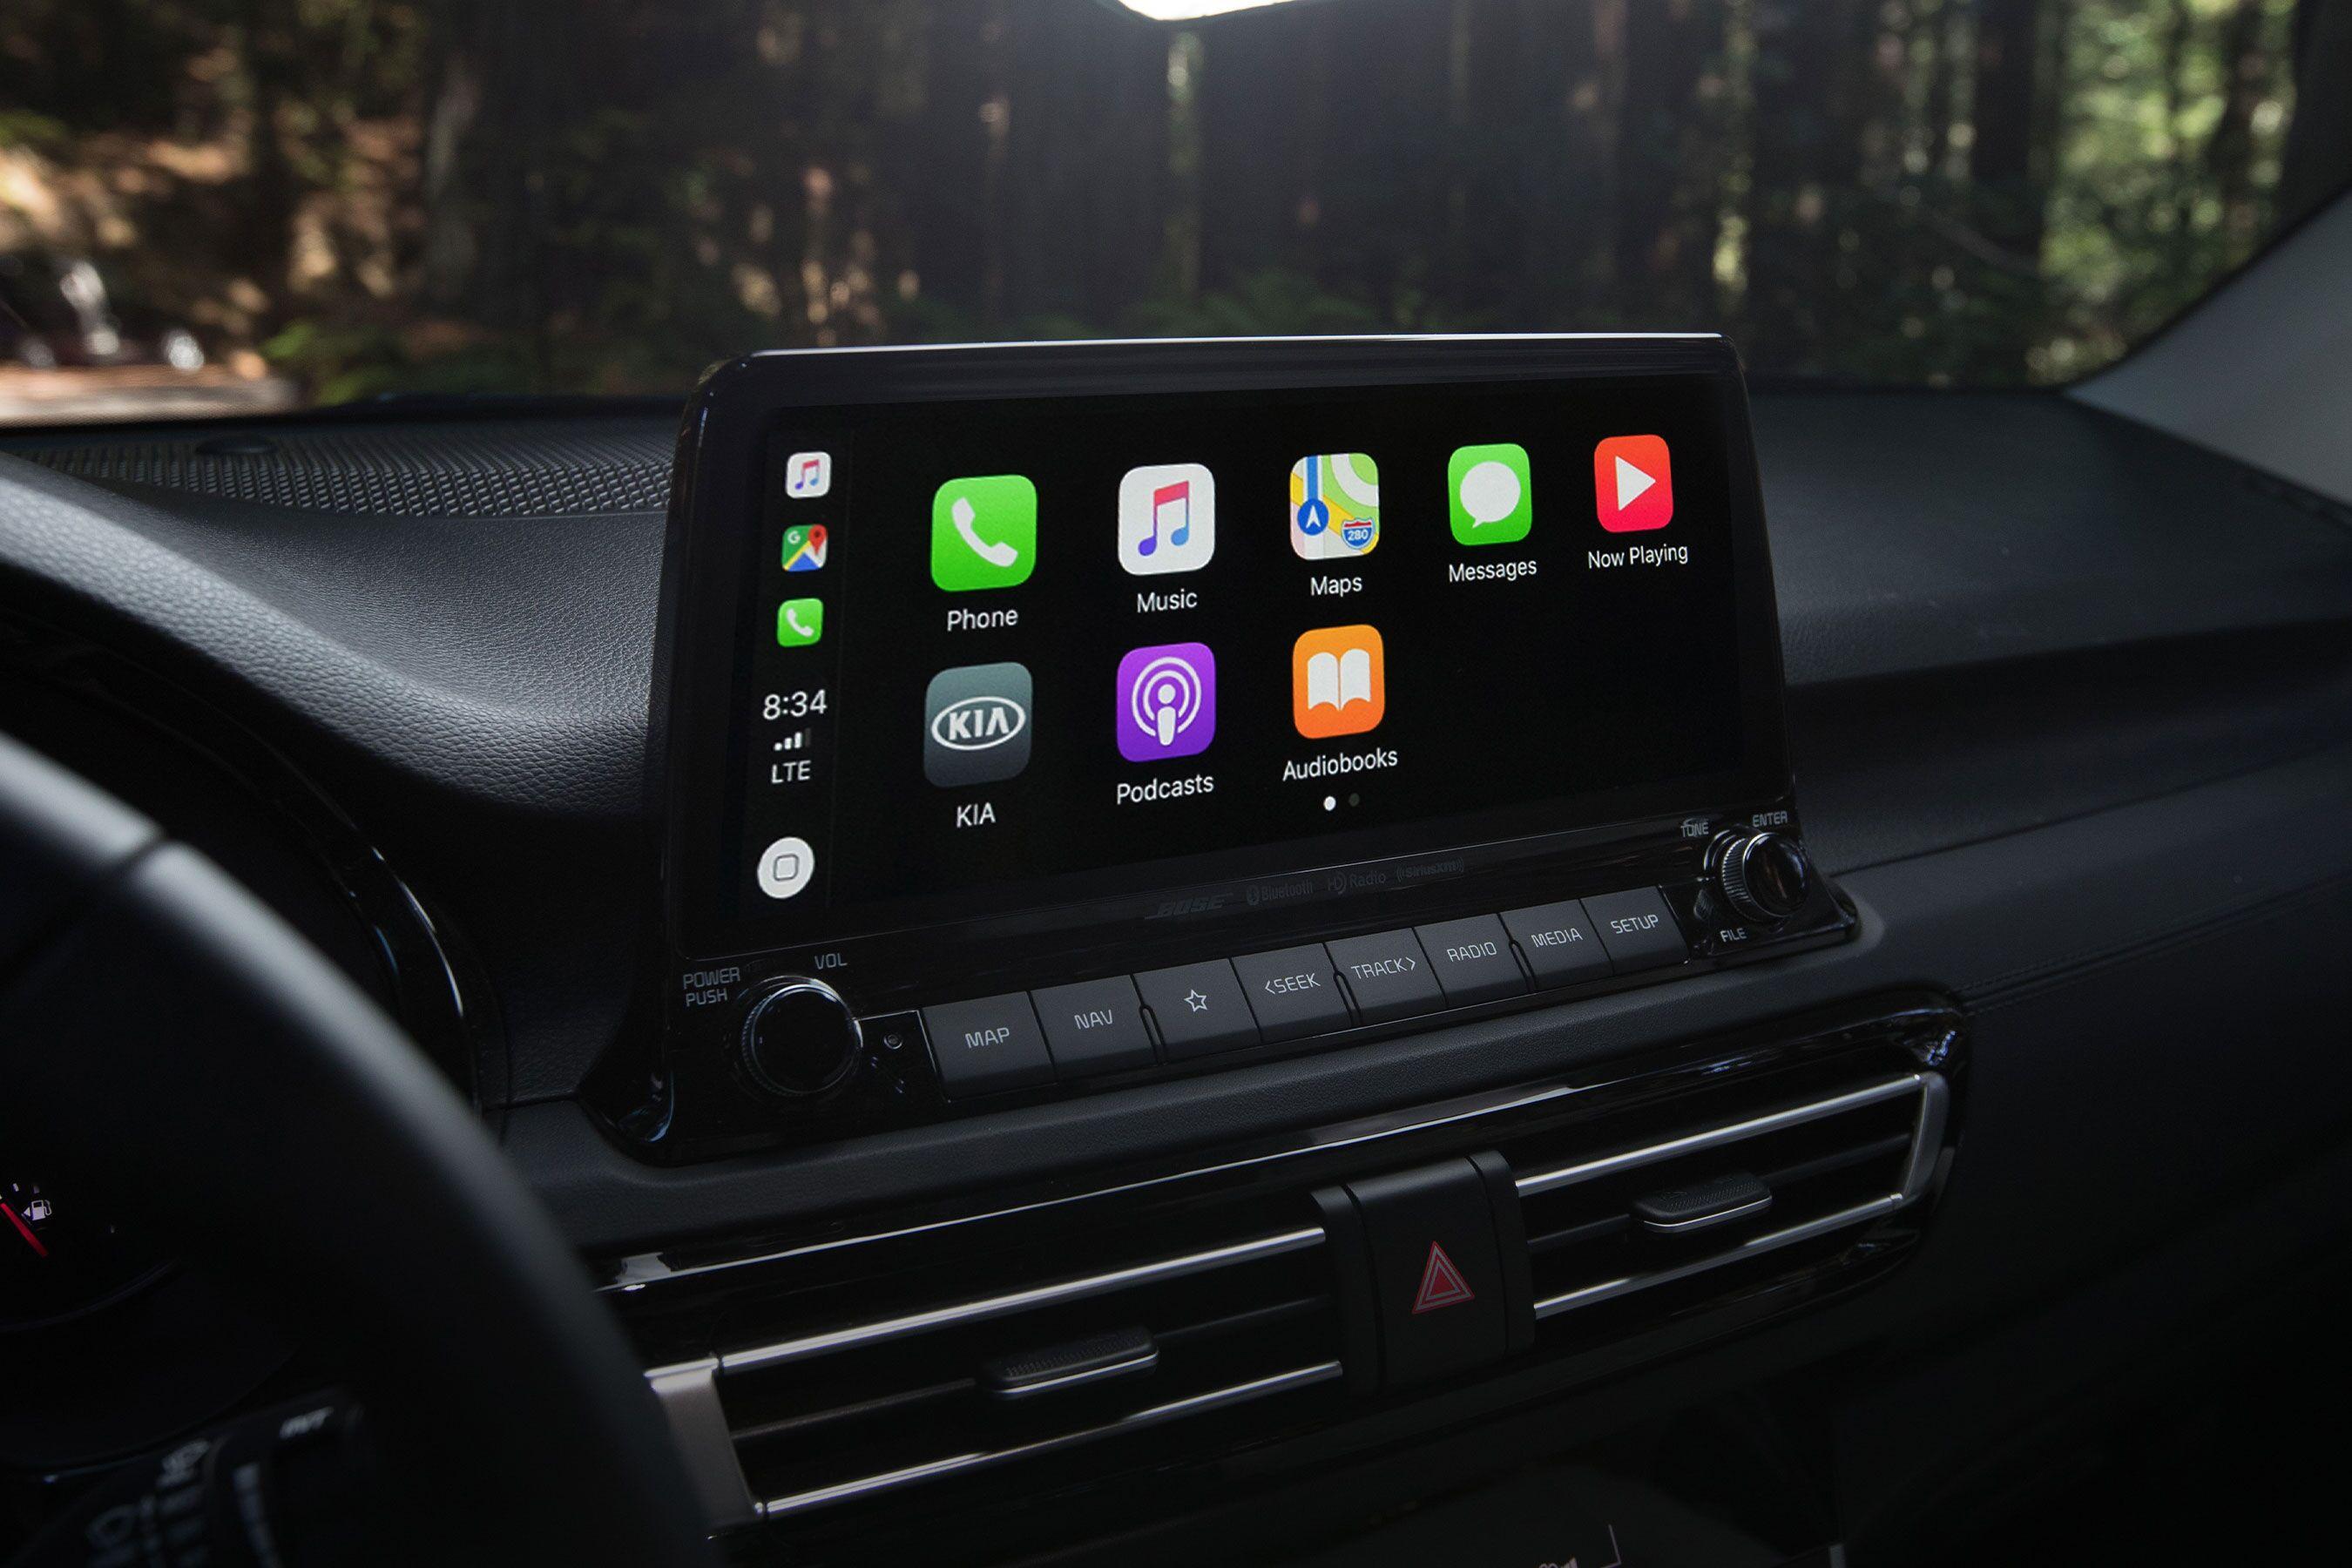 2021 Kia Seltos 10.25-inch Touchscreen